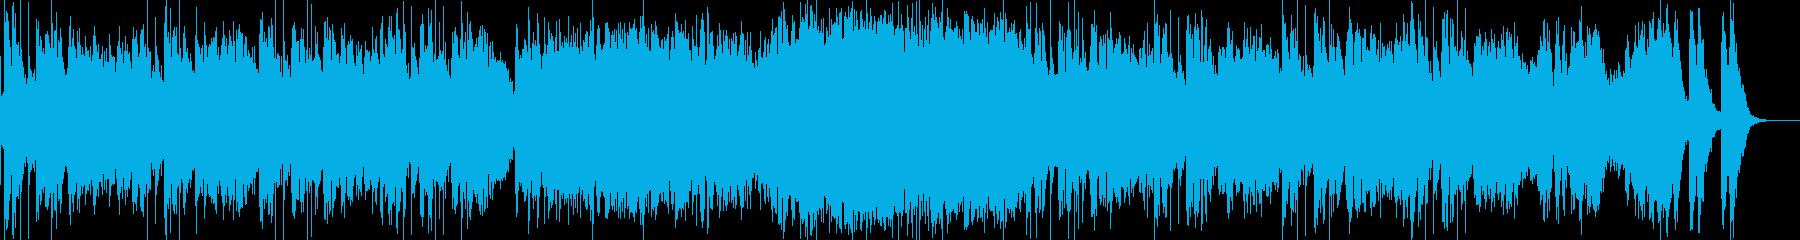 戦いの合唱隊 コーラス・バトルの再生済みの波形